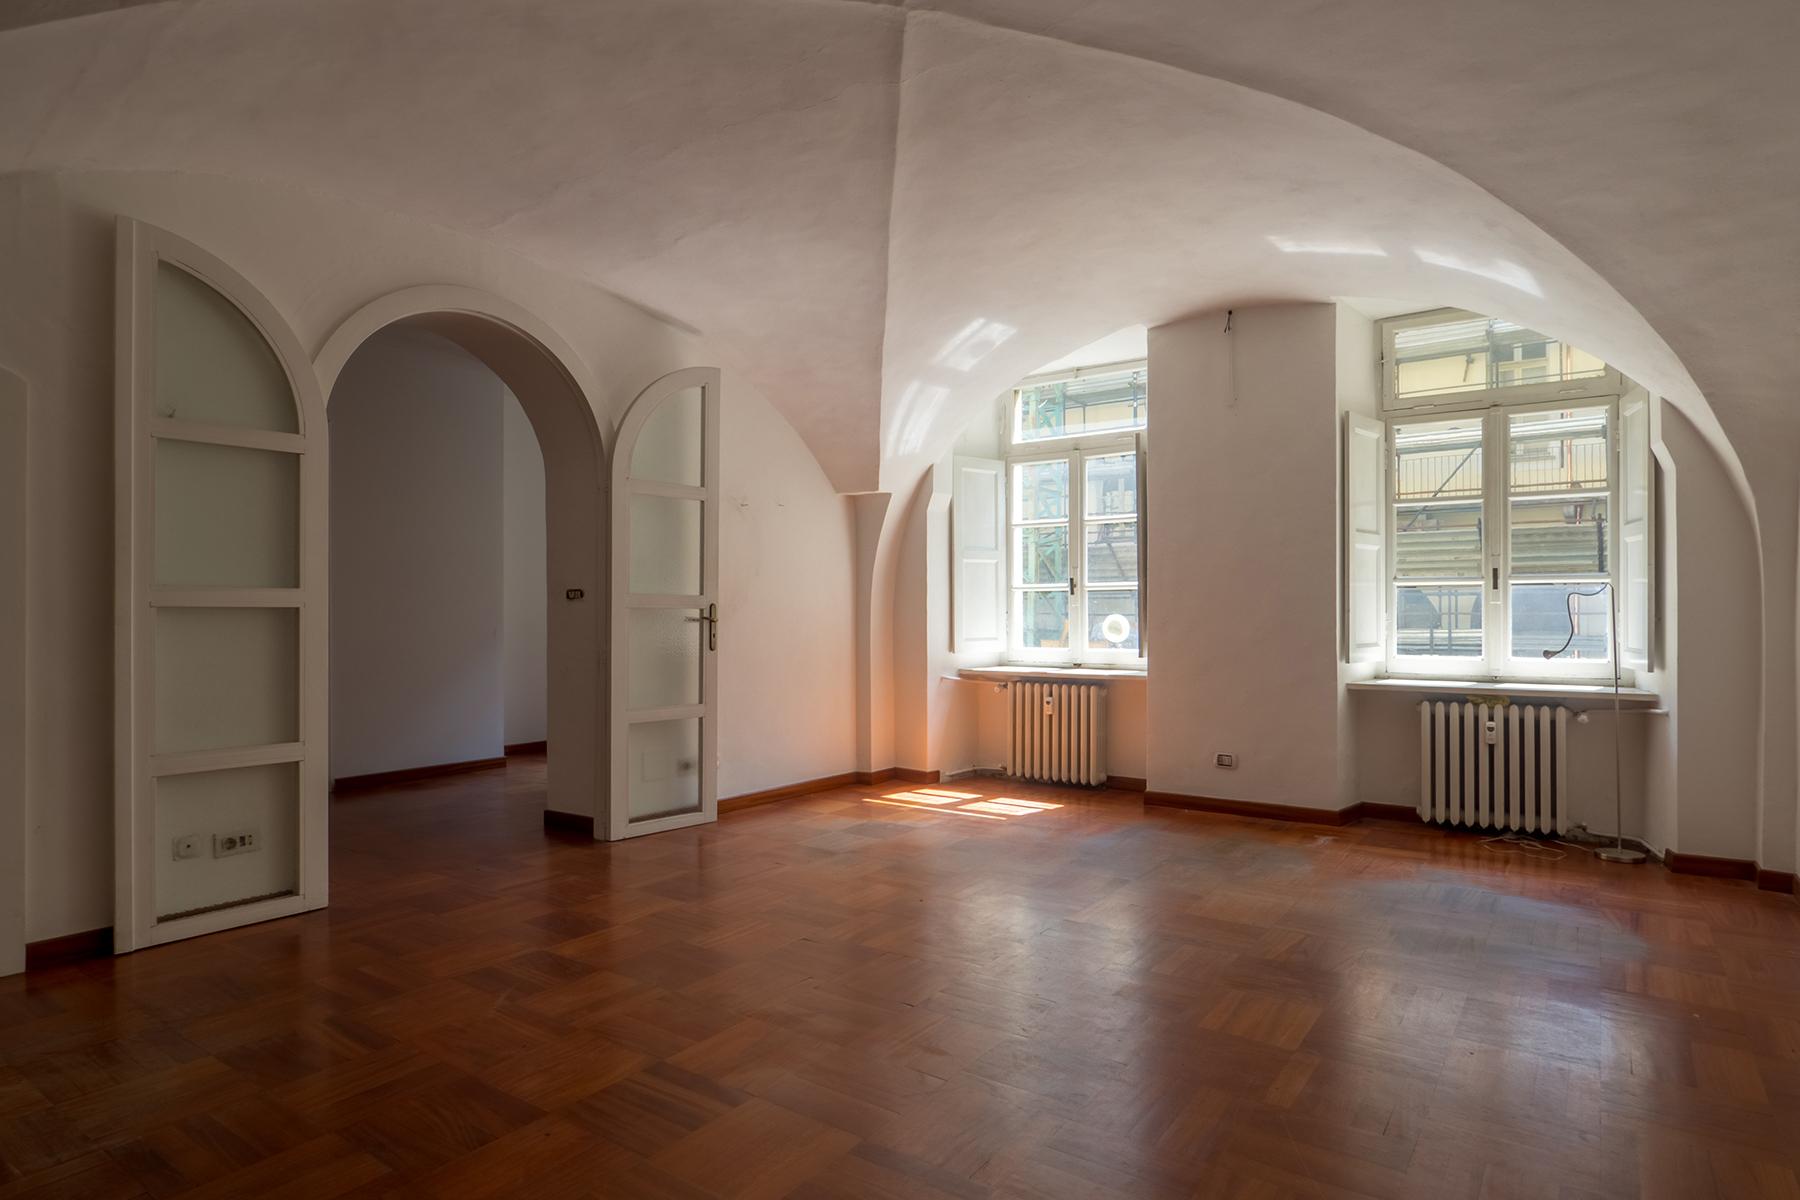 Ufficio-studio in Affitto a Torino via po